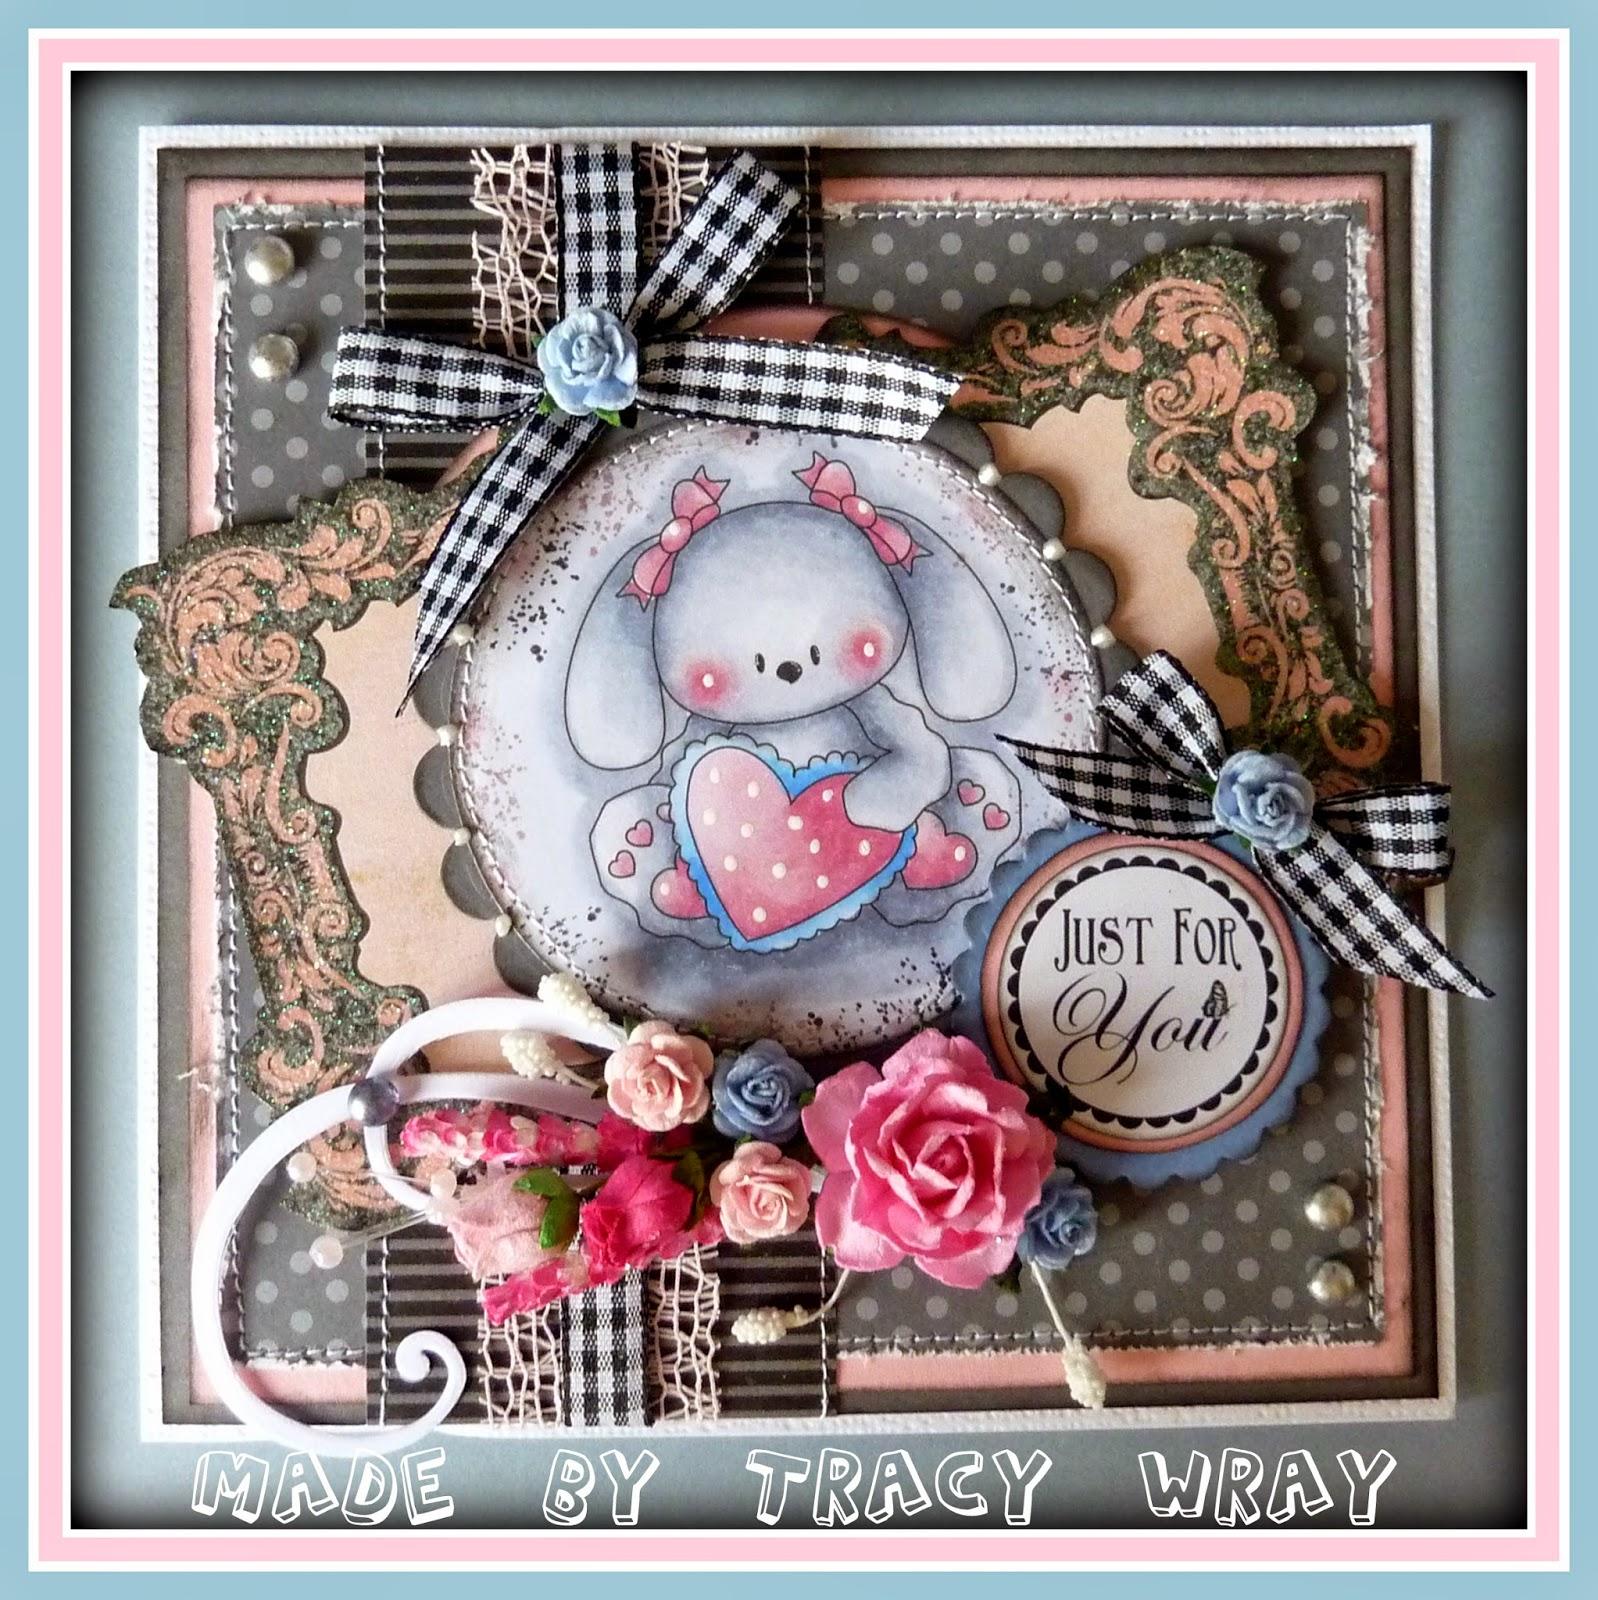 http://3.bp.blogspot.com/-ZICD8F7ePKk/U2jNBAY1vbI/AAAAAAAADq0/_I0QmpY17Bk/s1600/P1100304.JPG